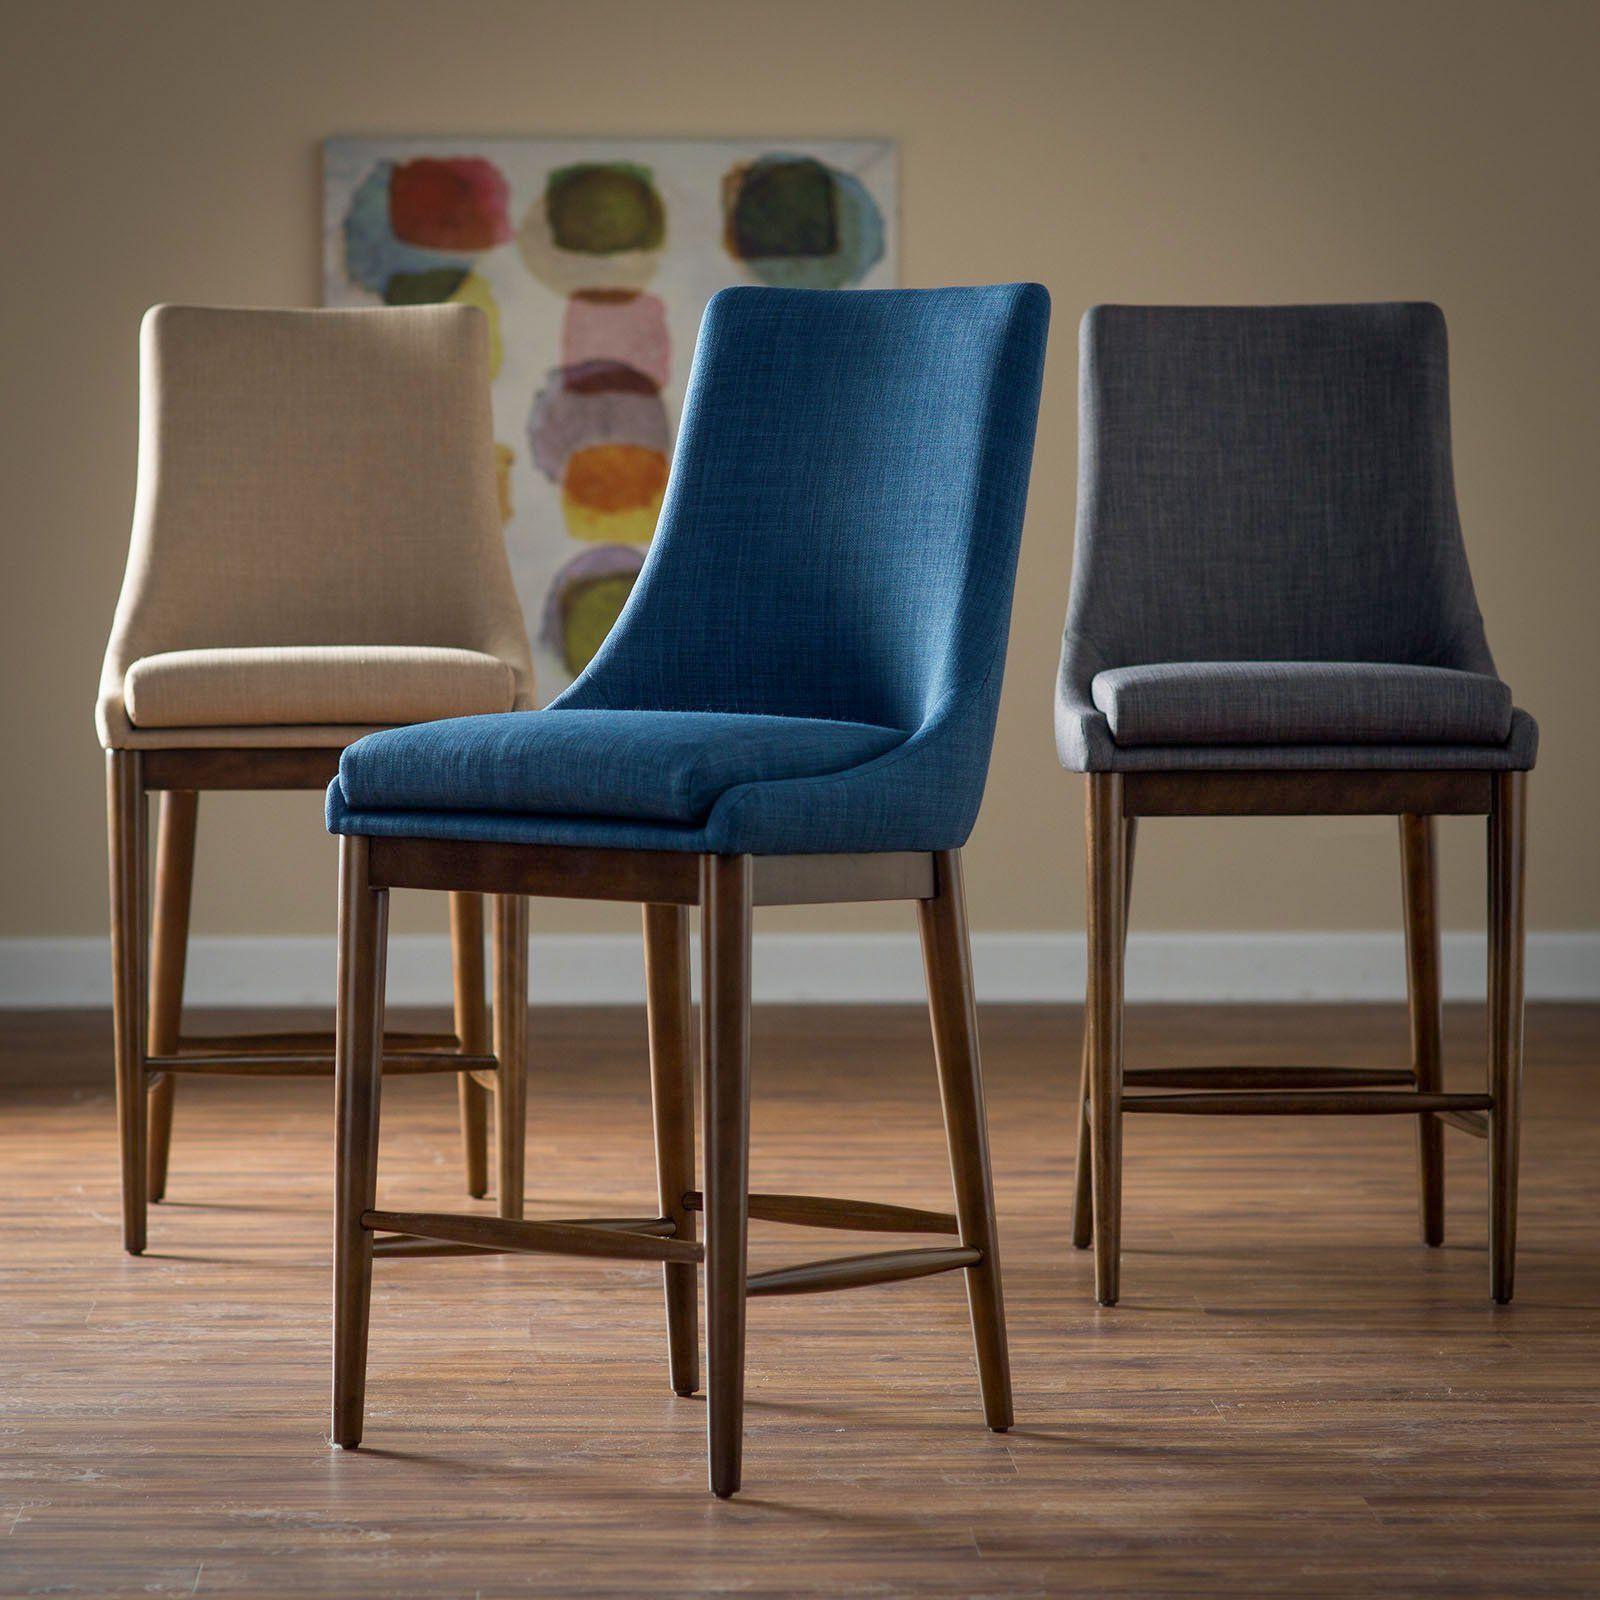 196df57eb1cd Belham Living Carter Mid Century Modern Upholstered Counter-Height Stool -  RH151204-26-BL